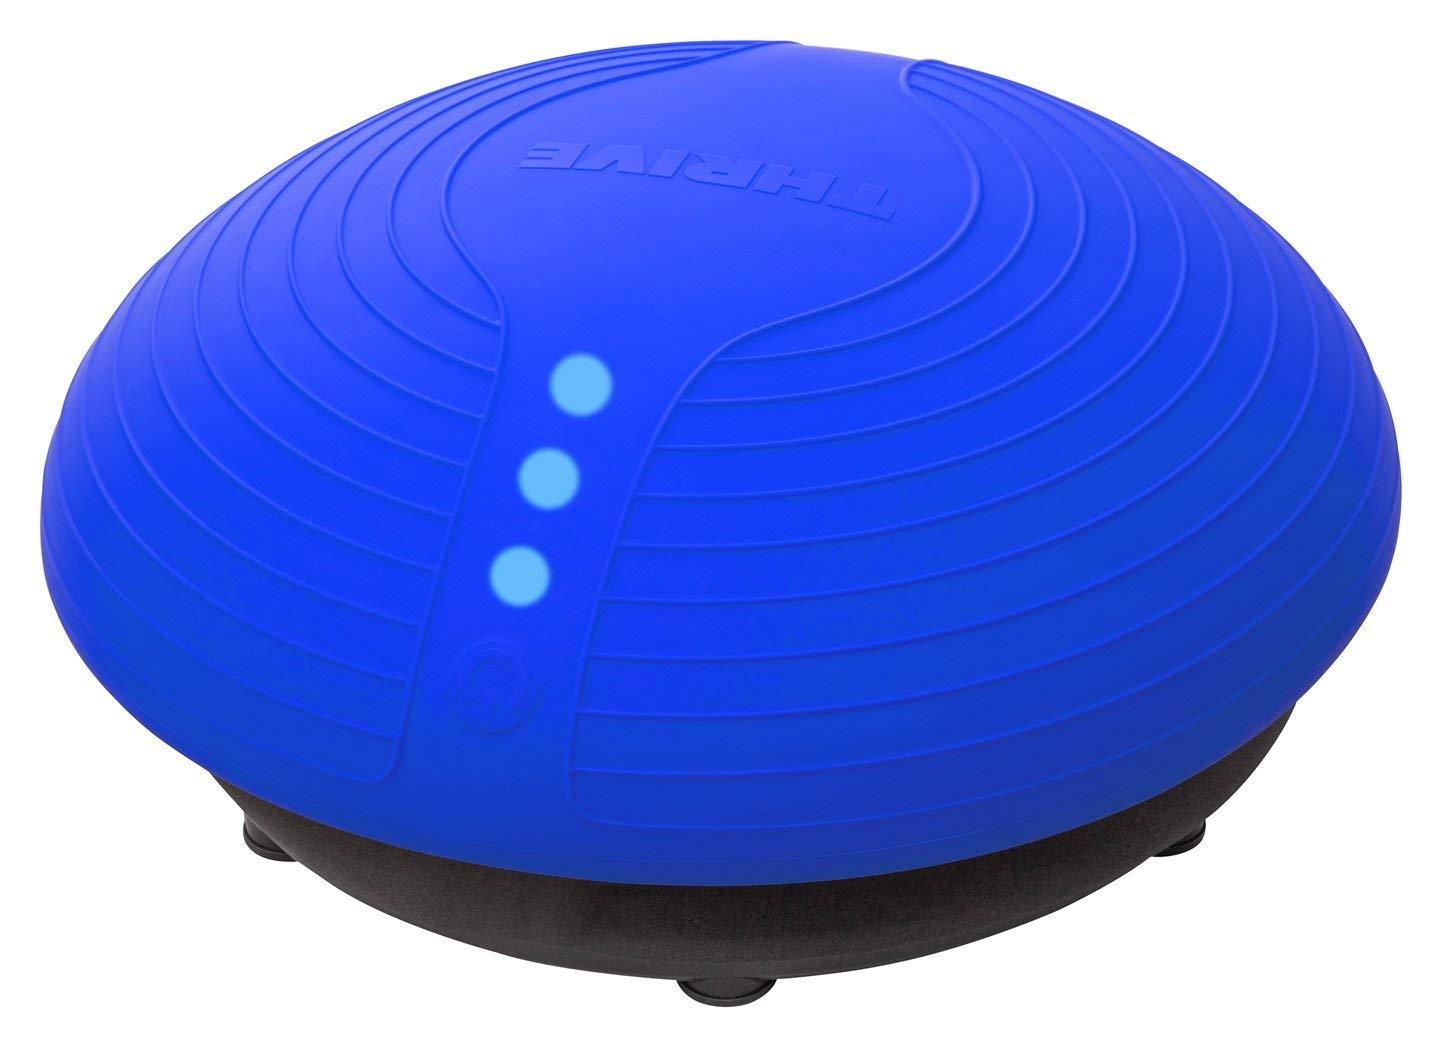 送料無料 即納 スライヴ バランストレーニングマシン バランスボーイ THRIVE BALANCEBOY FD-009 (レッド)  シェイプアップ 人気 ながらトレーニング 腹 足 脚 腰 太もも ウエスト B07L6GKLSP ブルー  ブルー